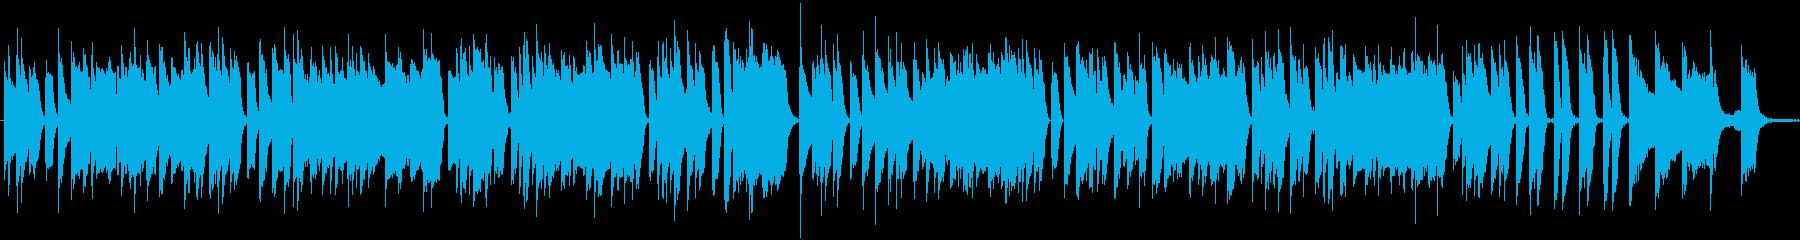 暢気で陽気なラグタイム・ピアノソロの再生済みの波形